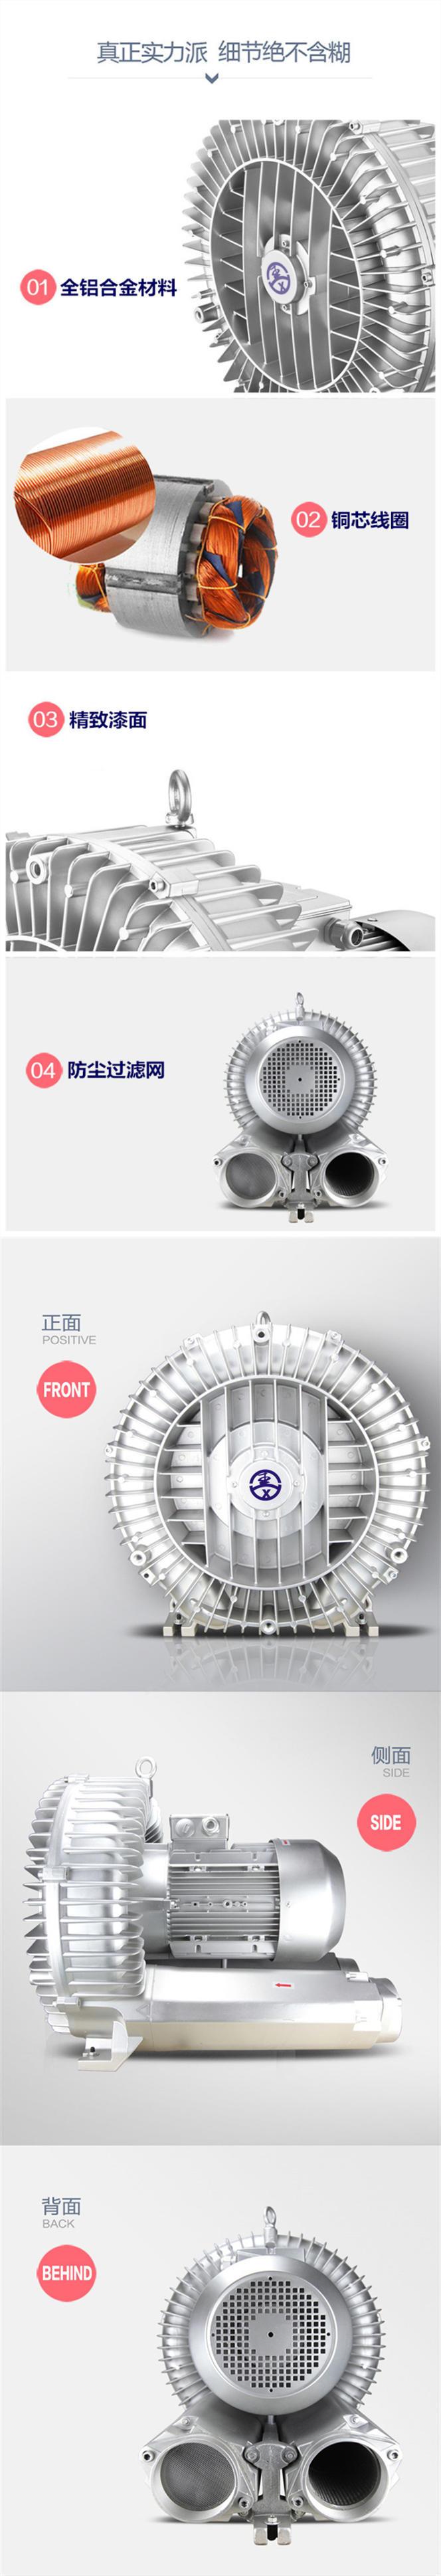 高压风机漩涡风机漩涡气泵真空泵 工业高压鼓风机增氧大功率风机示例图6